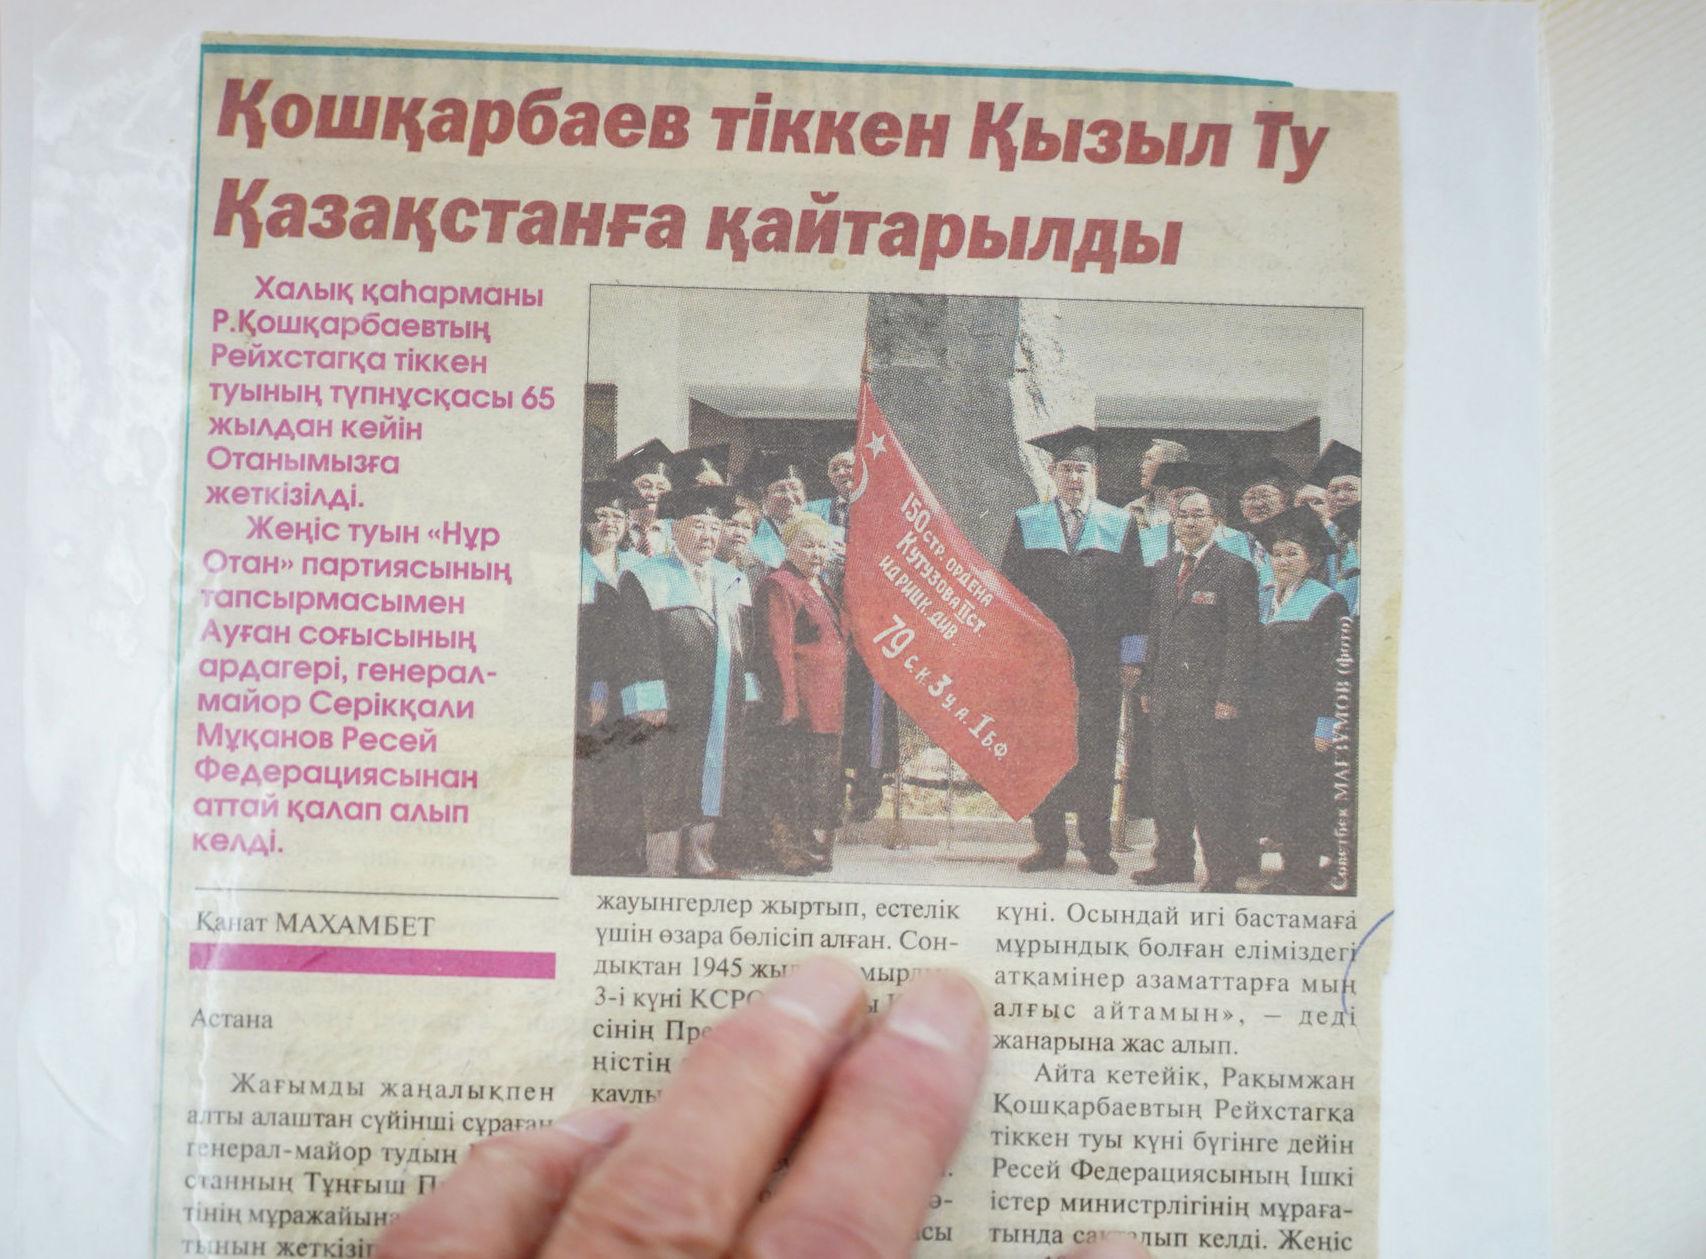 Вырезка из газеты. Статья о возвращении в Казахстан копии Знамени Победы